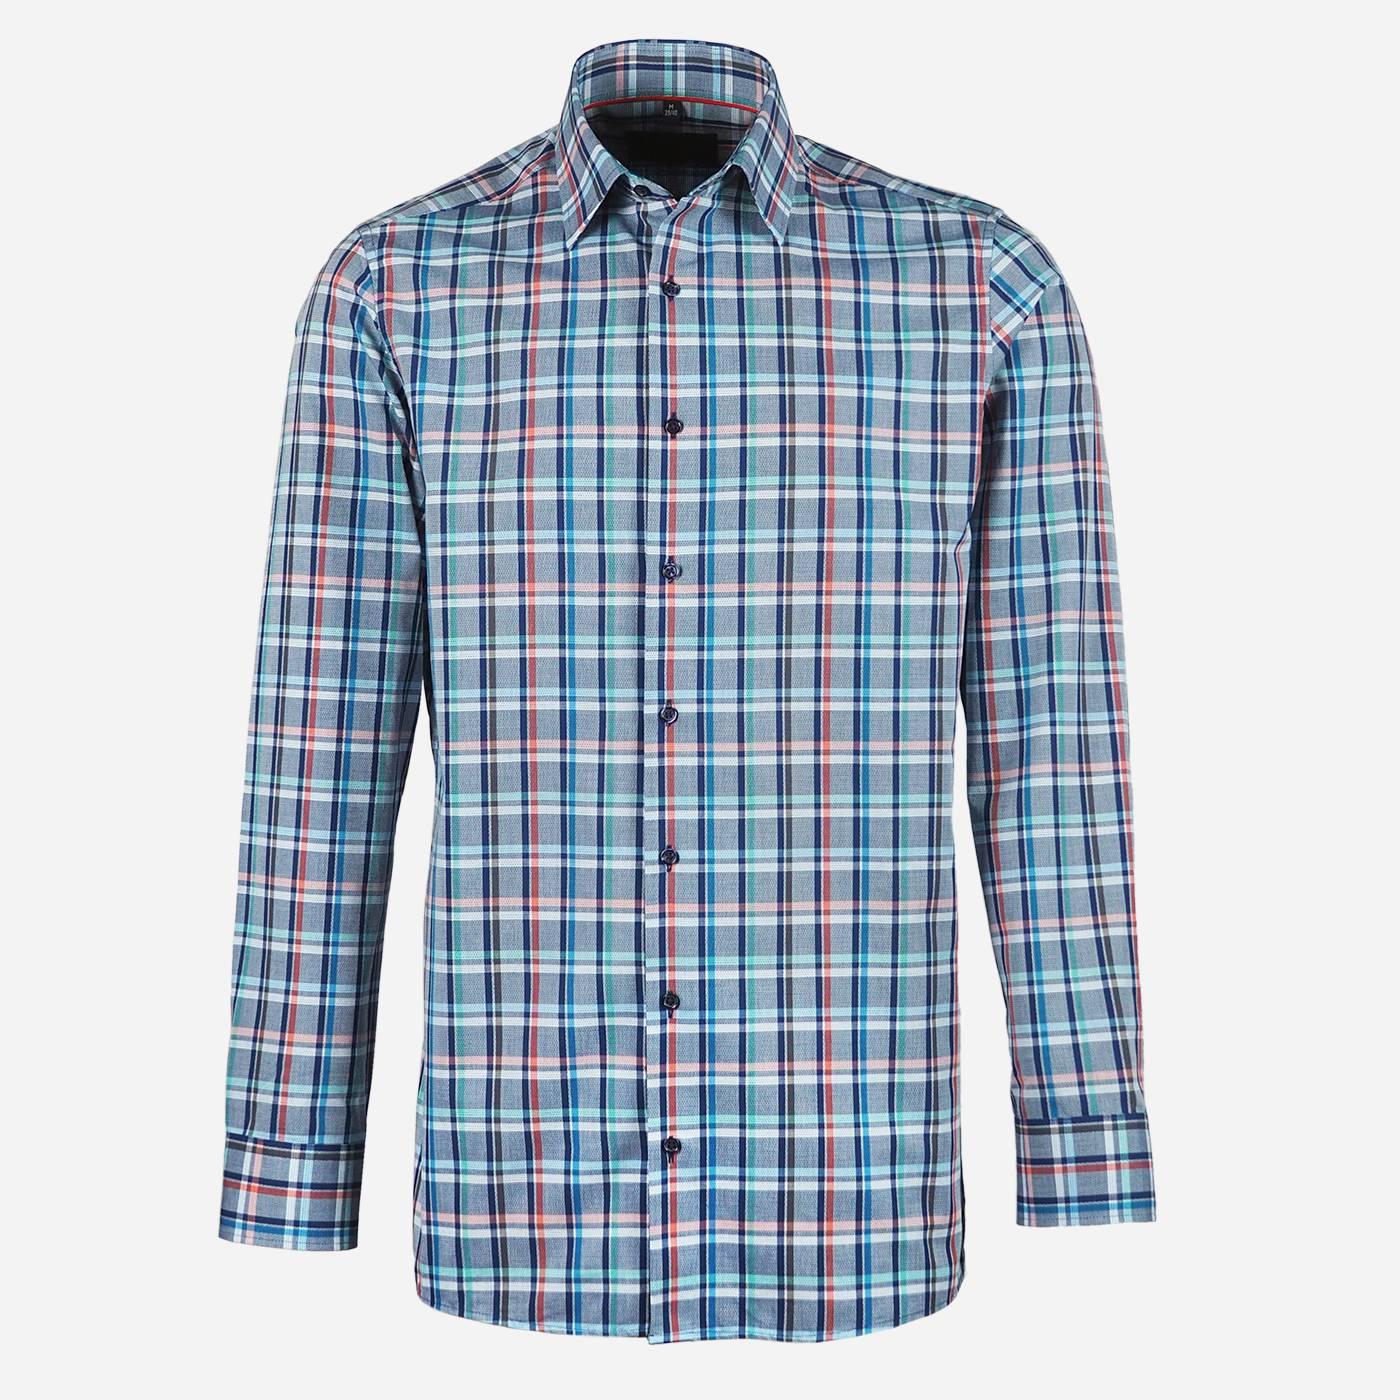 STEVULA Károvaná pánska košeľa, Regular fit Veľkosť: XXL 45/46